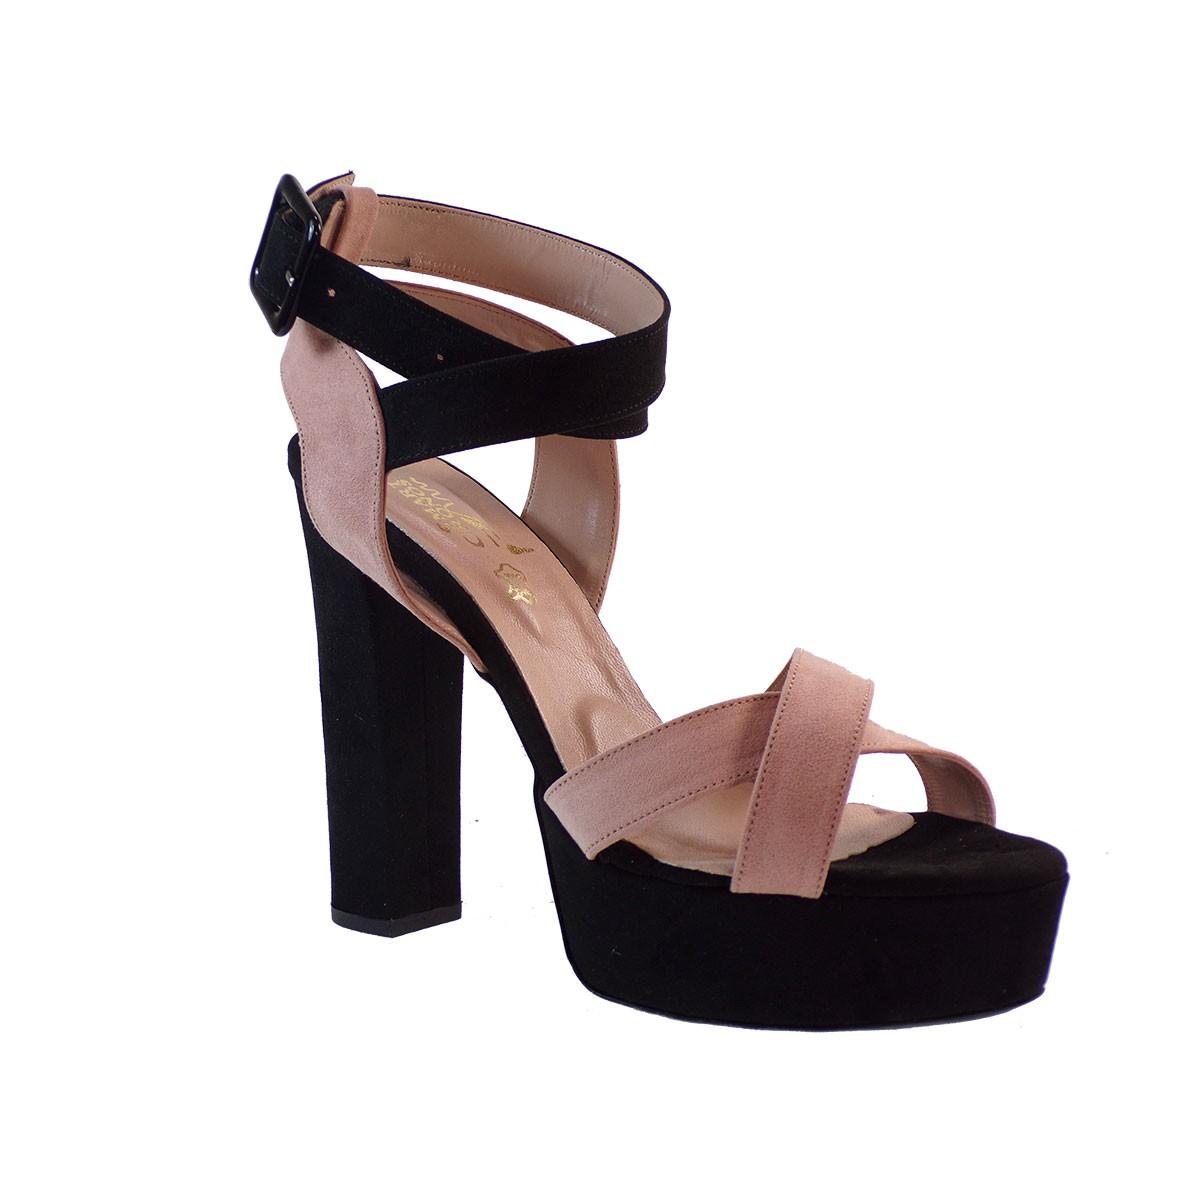 Smart Cronos Γυναικεία Παπούτσια Πέδιλα 7047-3597 Μαύρο-Πούδρα Καστόρι Δέρμα